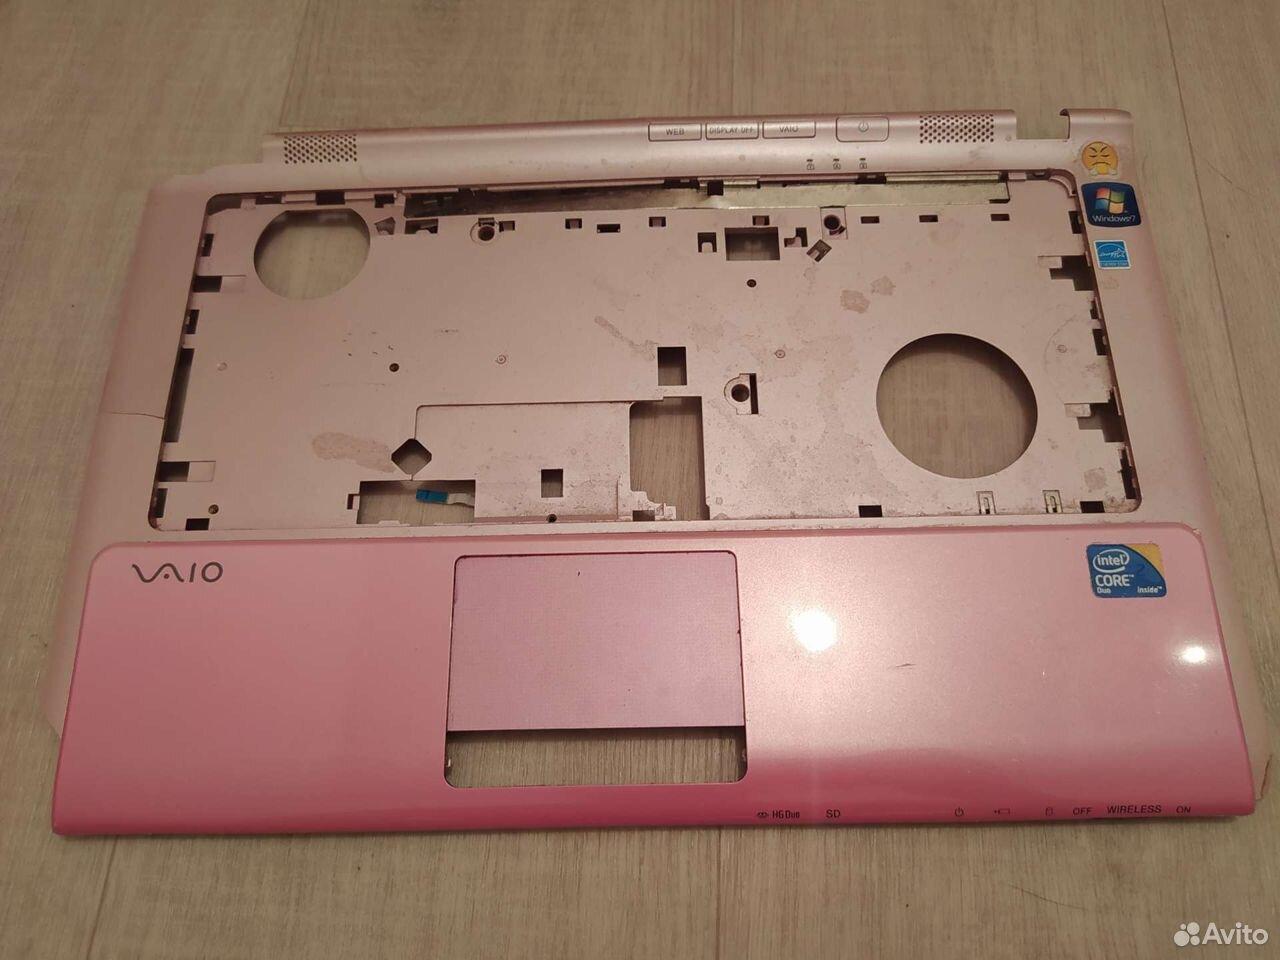 Топкейс Sony Vaio 61111  89232295200 купить 1